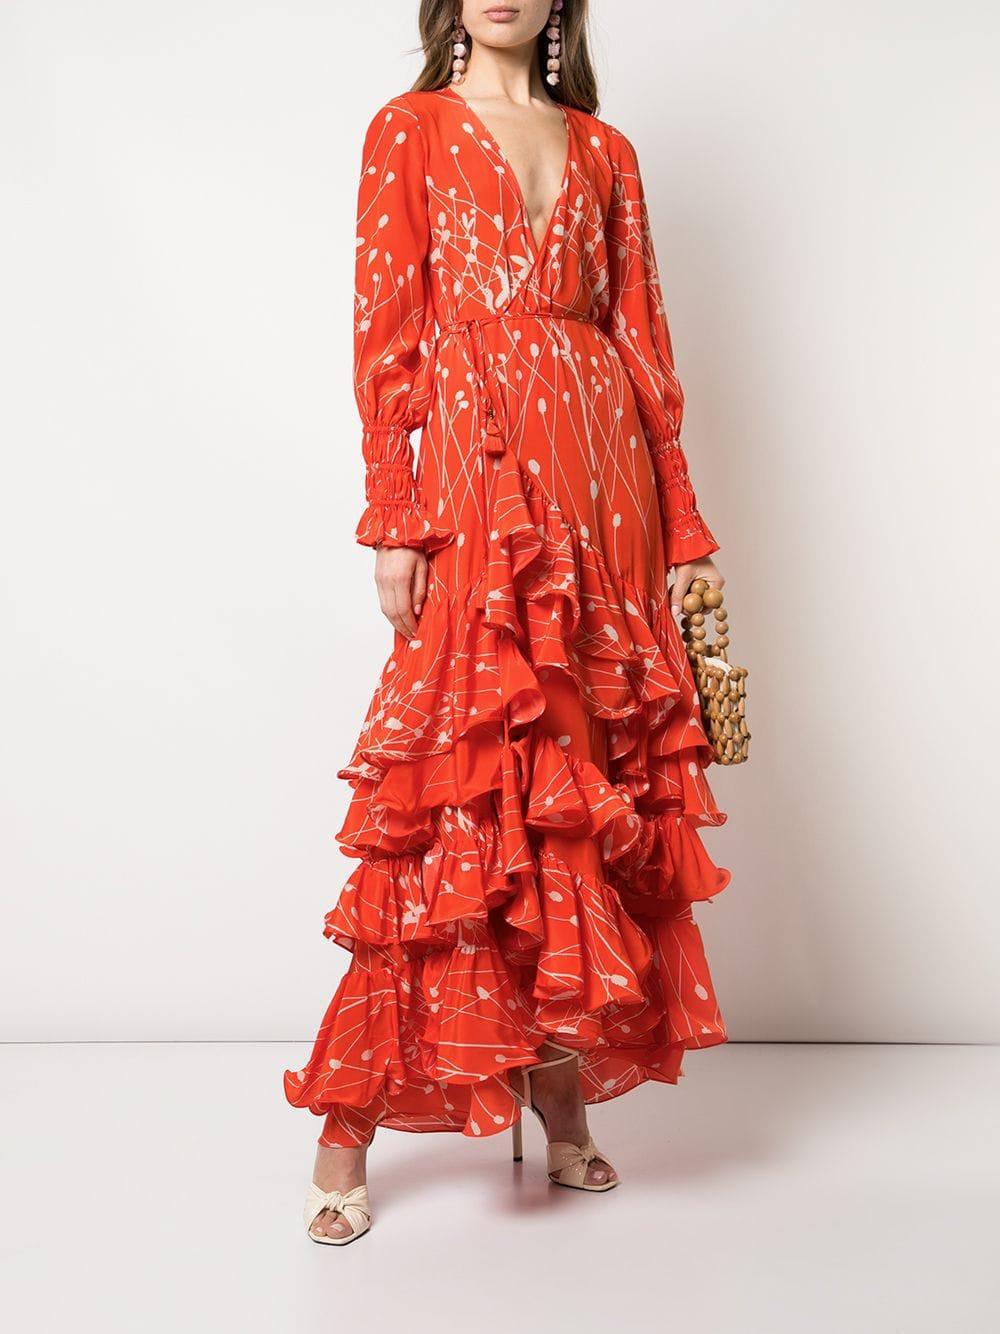 一件就很亮眼的荷葉洋裝